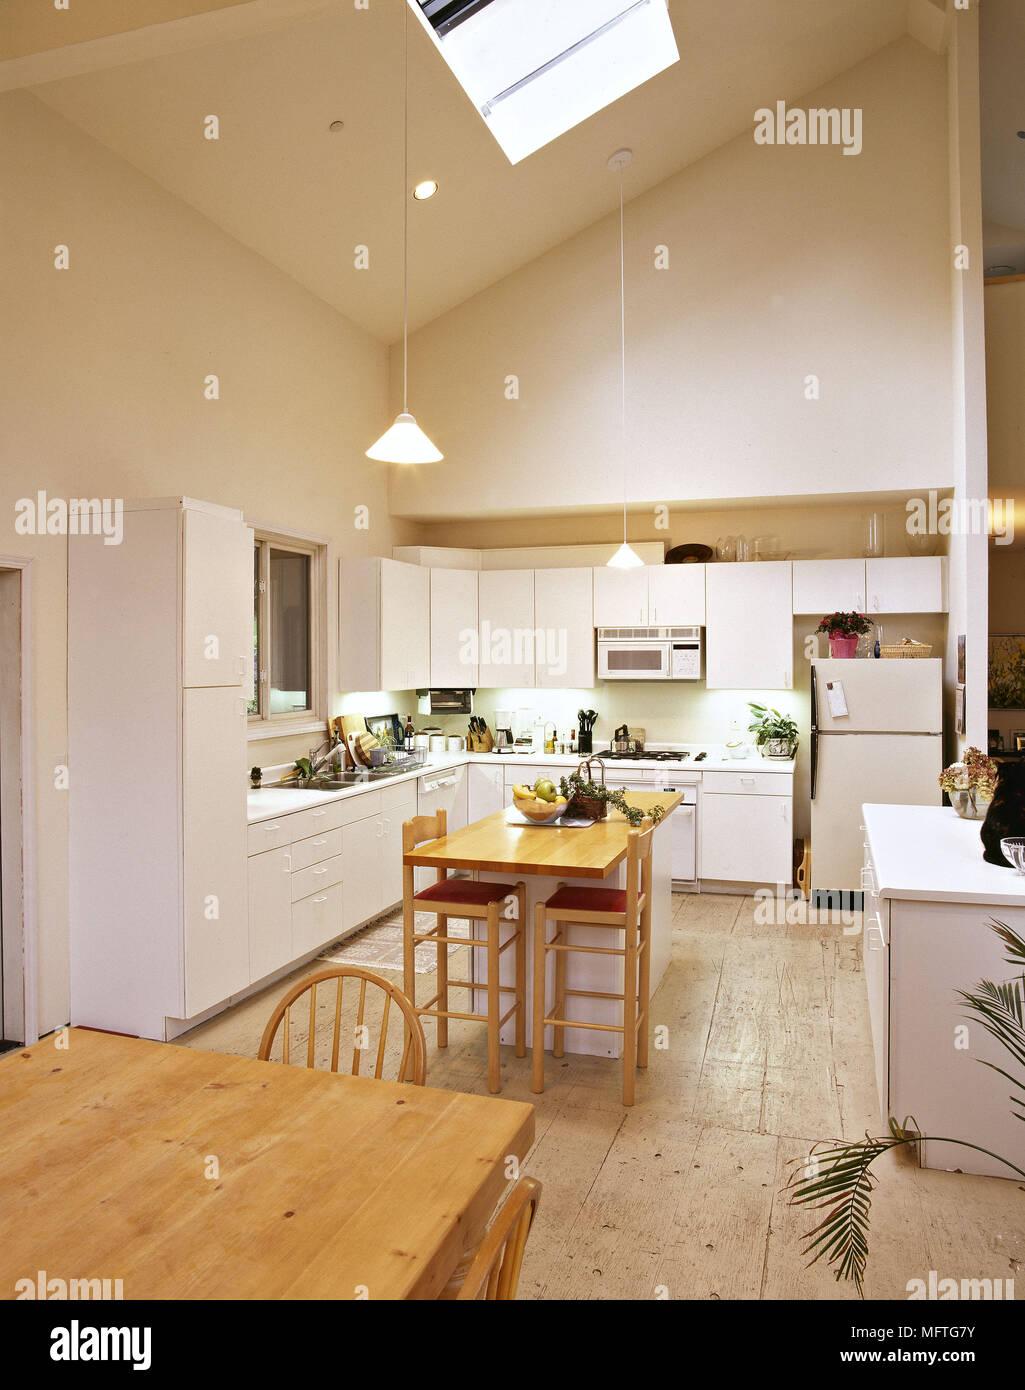 Moderne Küche Essbereich weiße Einheiten zentrale Insel Frühstück ...